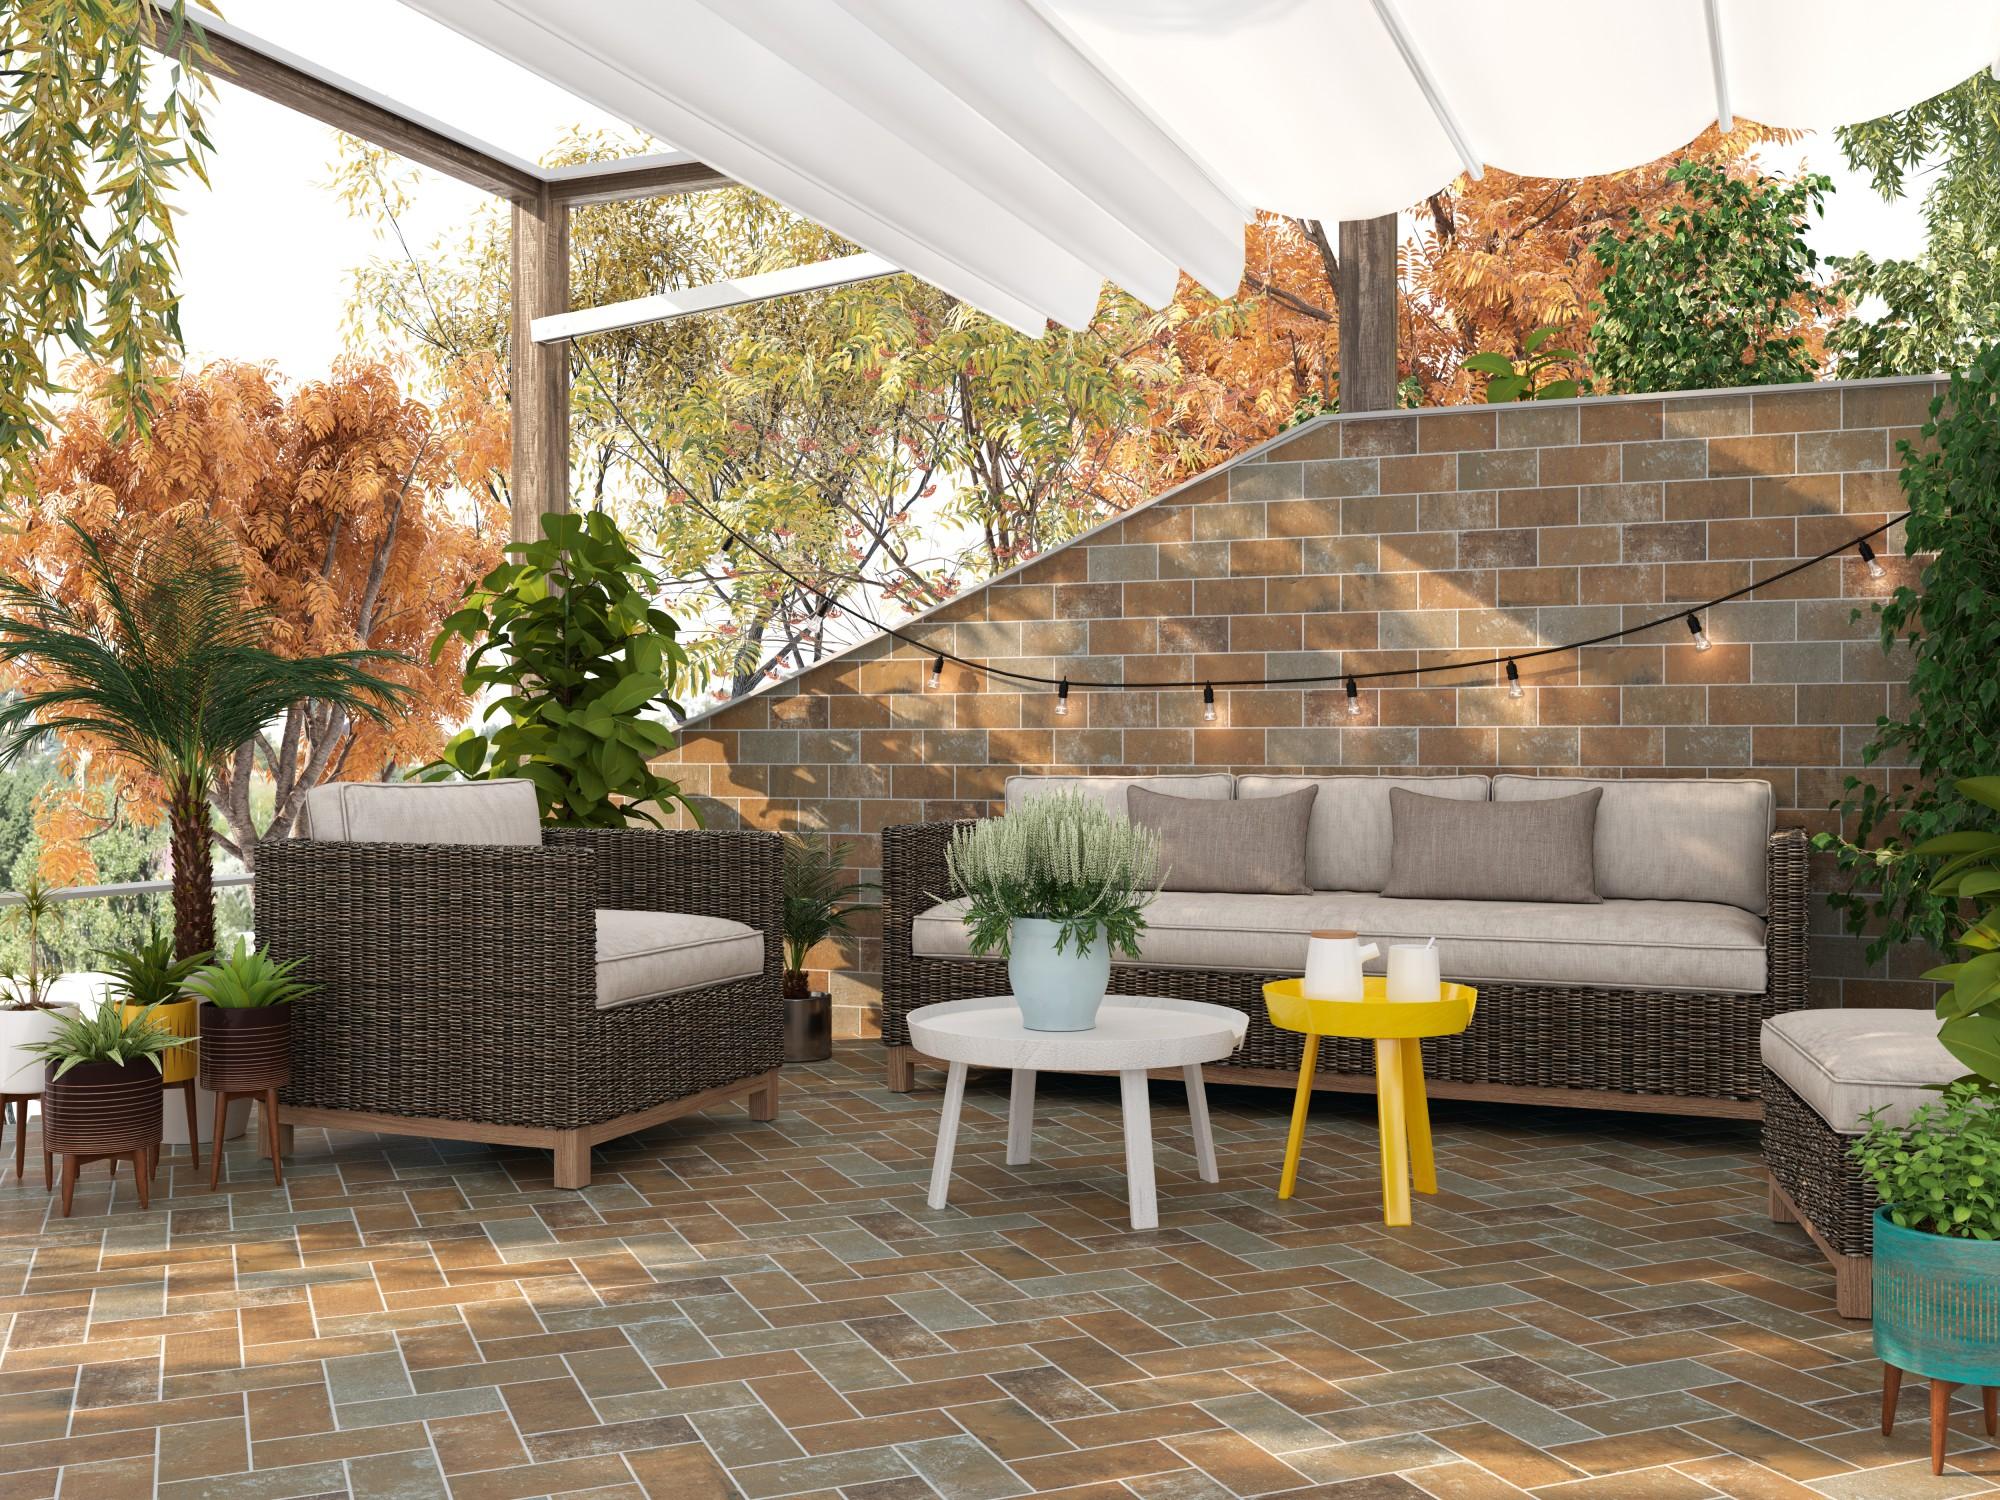 verlegen von fliesen im au enbereich z b balkon terrasse und treppe bb fliesen. Black Bedroom Furniture Sets. Home Design Ideas